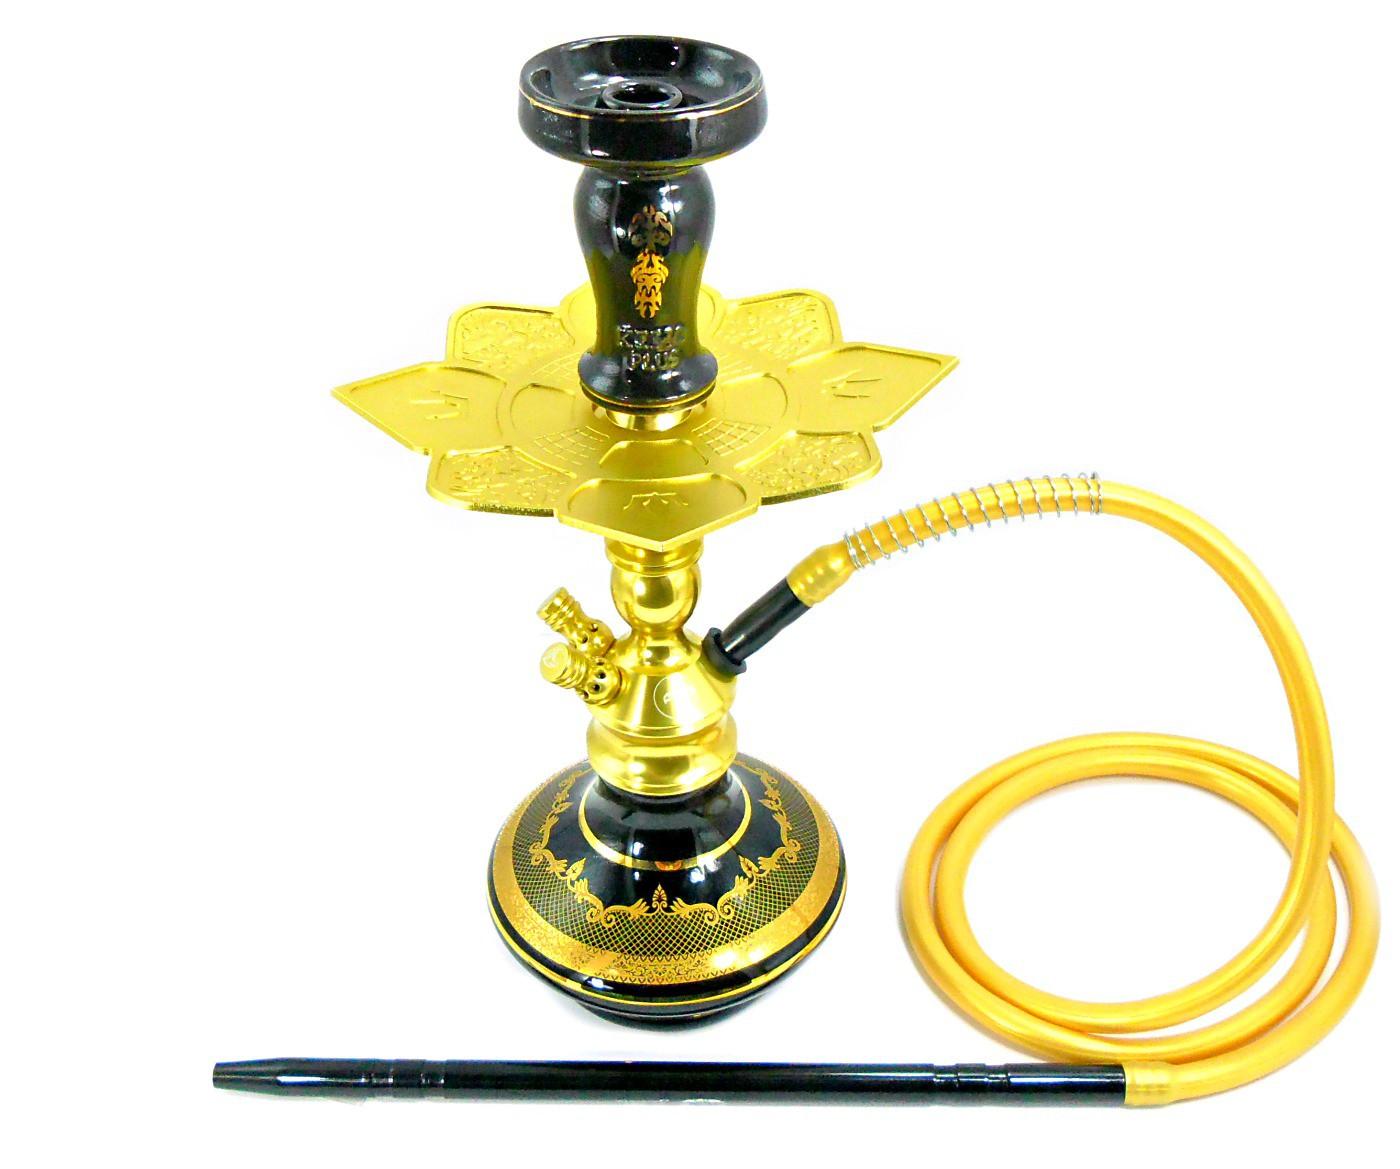 Narguile Zeus Single Dourado 42cm, vaso Aladin, mang.silicone, piteira alumínio, rosh Kimo preto/dourado, prato Imperial